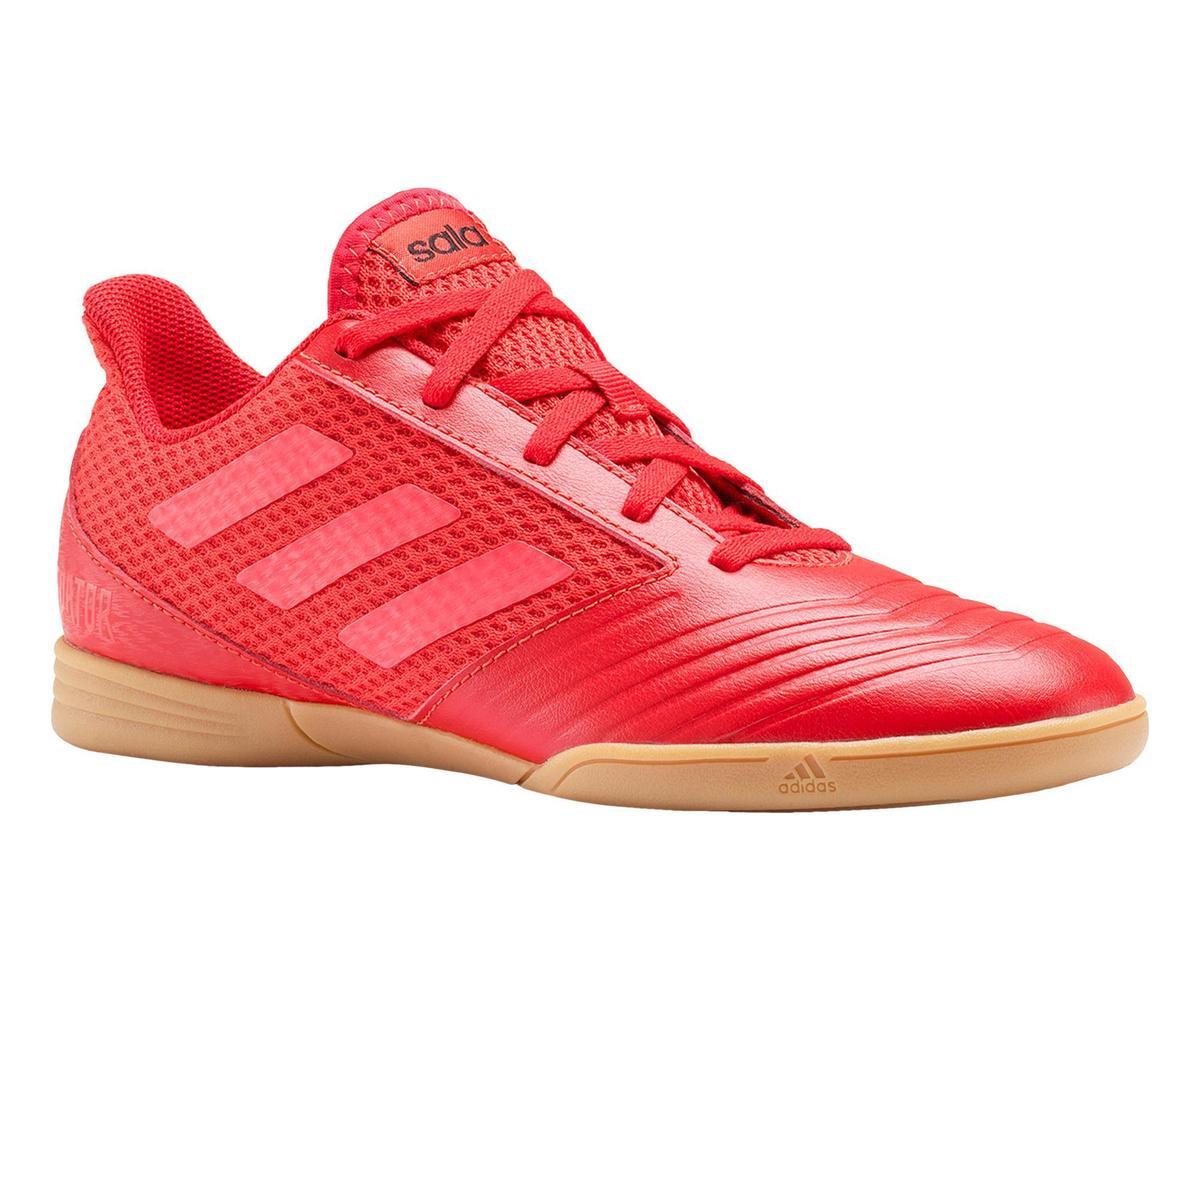 Bild 1 von Hallenschuhe Futsal Fußball Predator Tango 4 FS19 Kinder rot